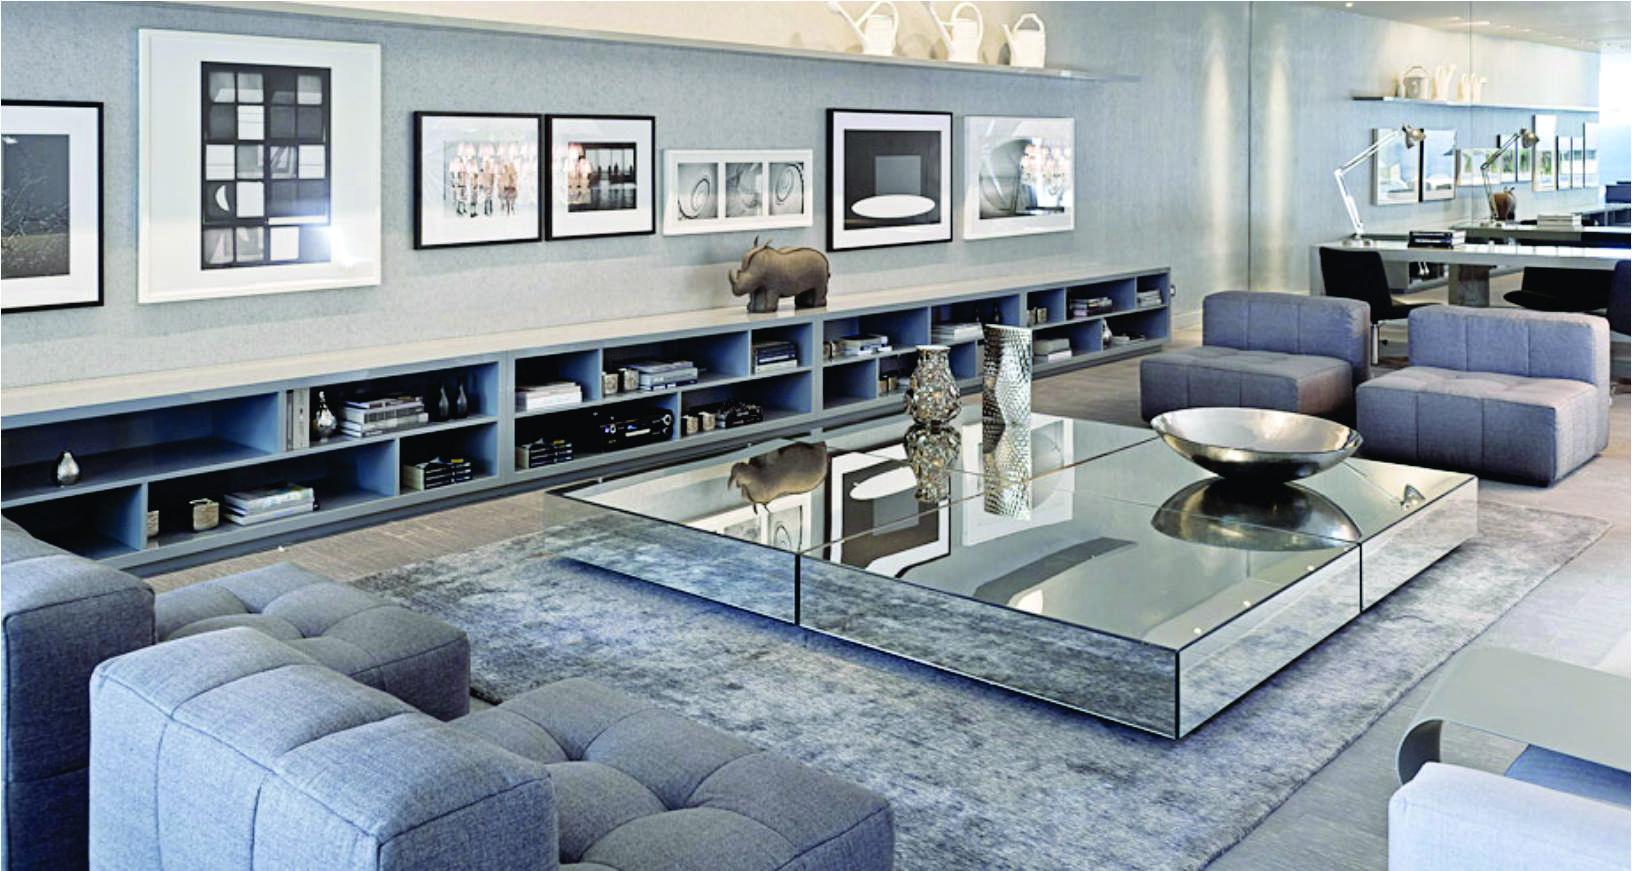 #776154  (feita de cimentício) compõem o low desta ampla sala de estar 1632x871 píxeis em Decoraçao De Salas De Estar Grandes